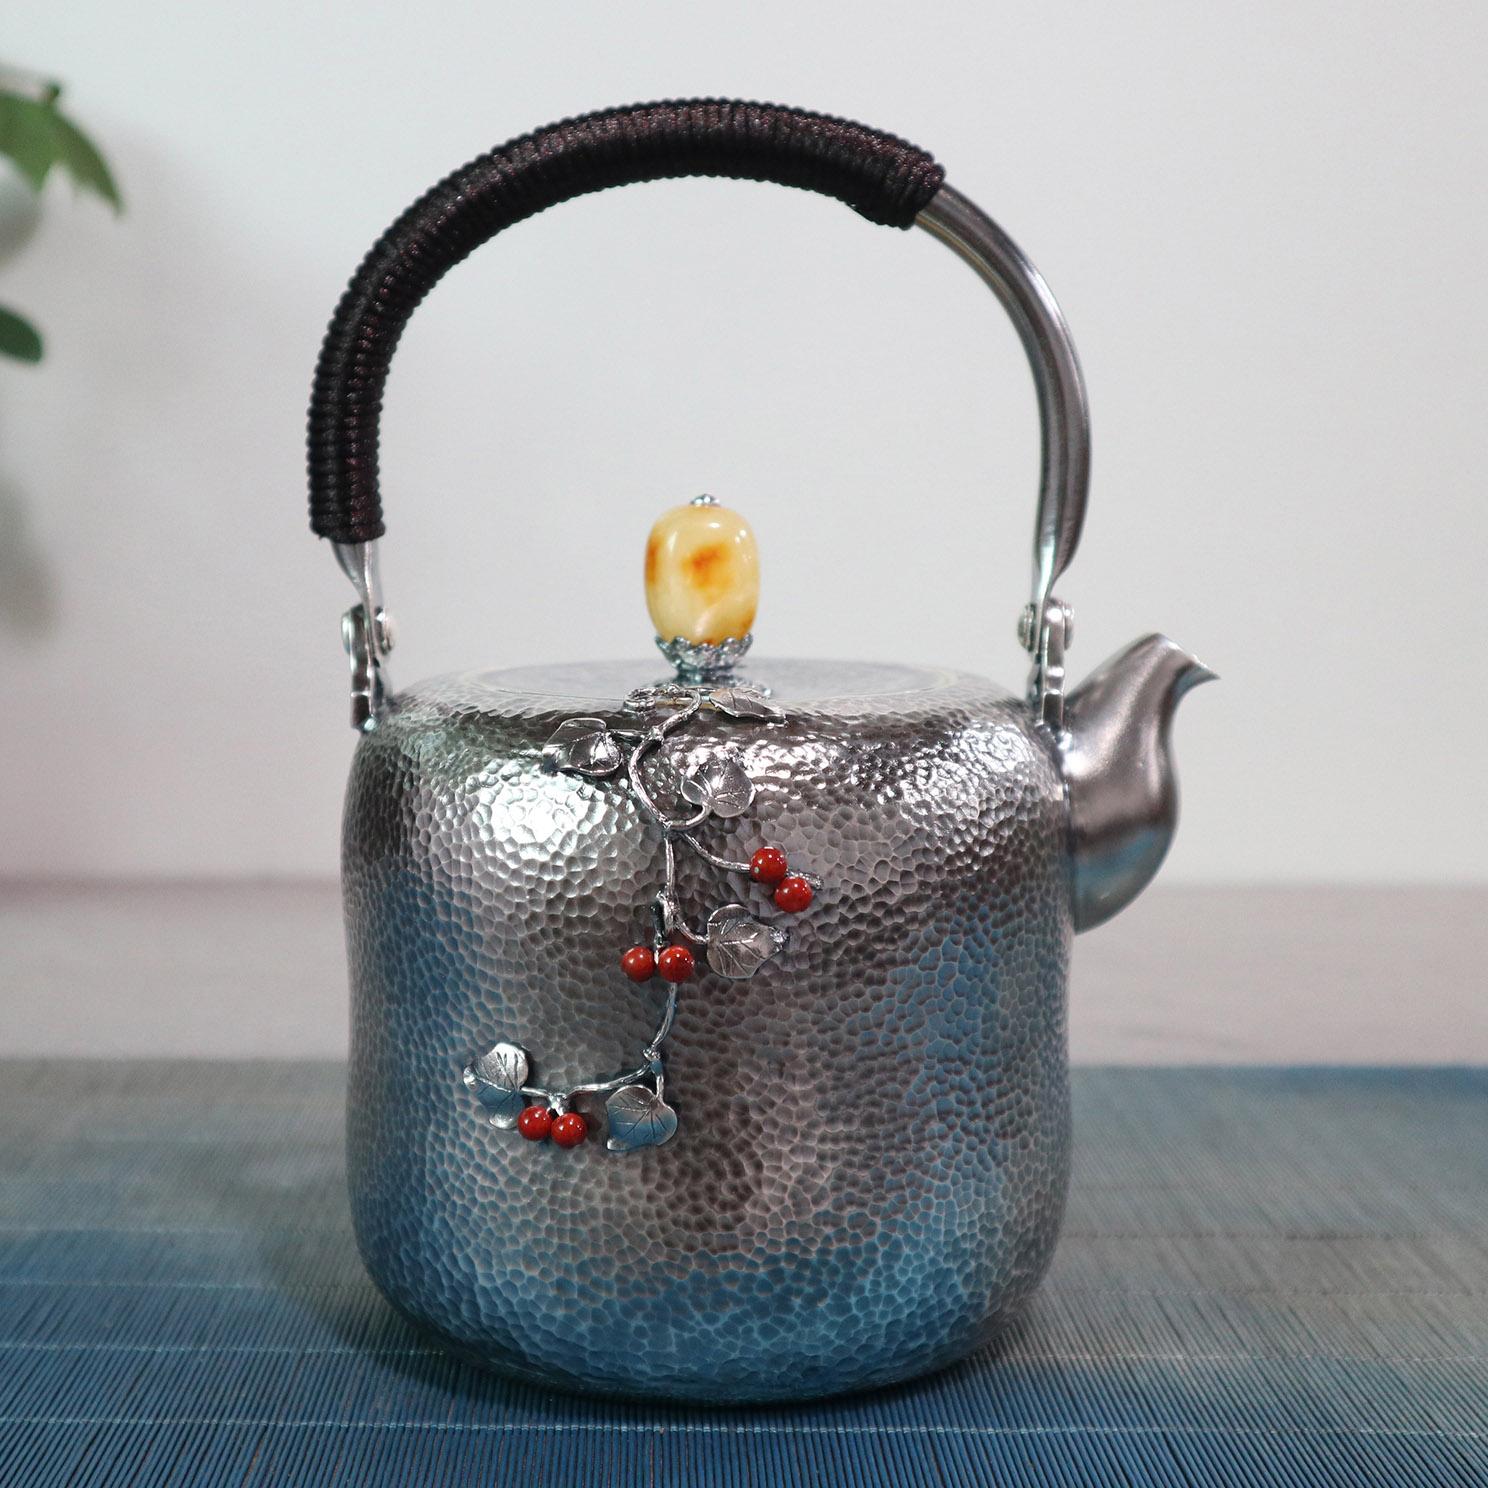 【静待】S999纯银手工 烧水壶